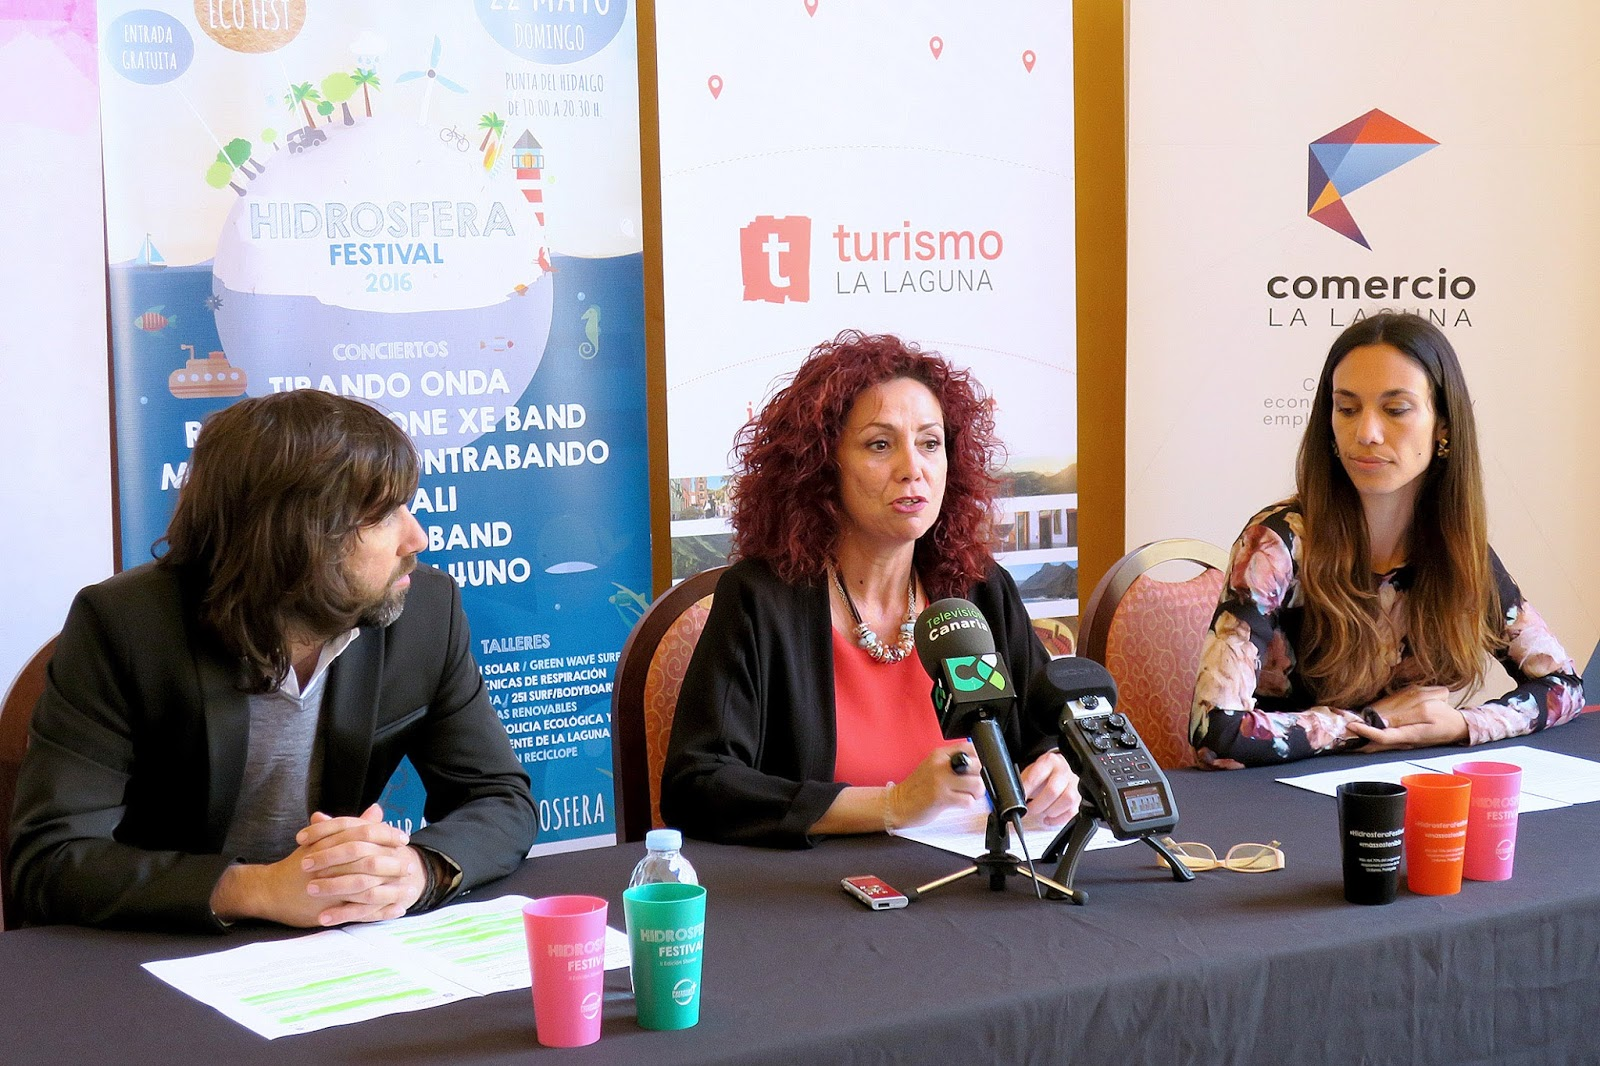 Resultado de imagen de Punta del Hidalgo acogerá este fin de semana la cuarta edición del Hidrosfera Festival